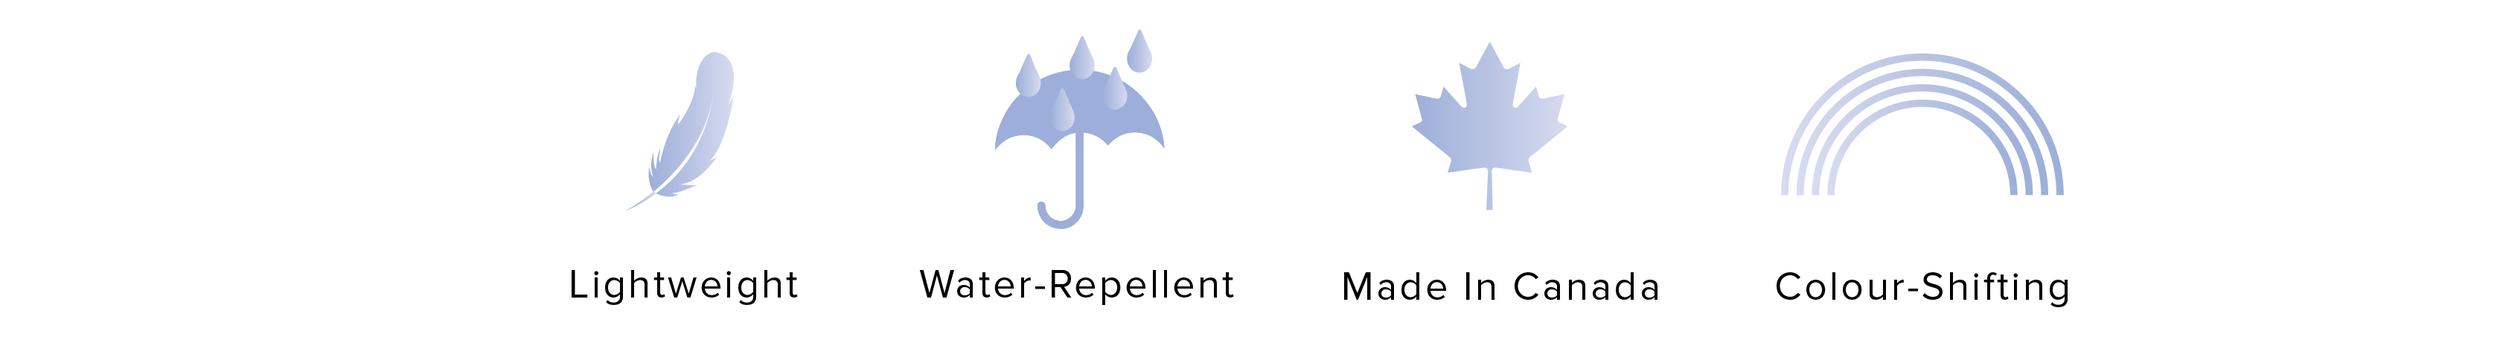 emojis-group-aurora-06-06.png